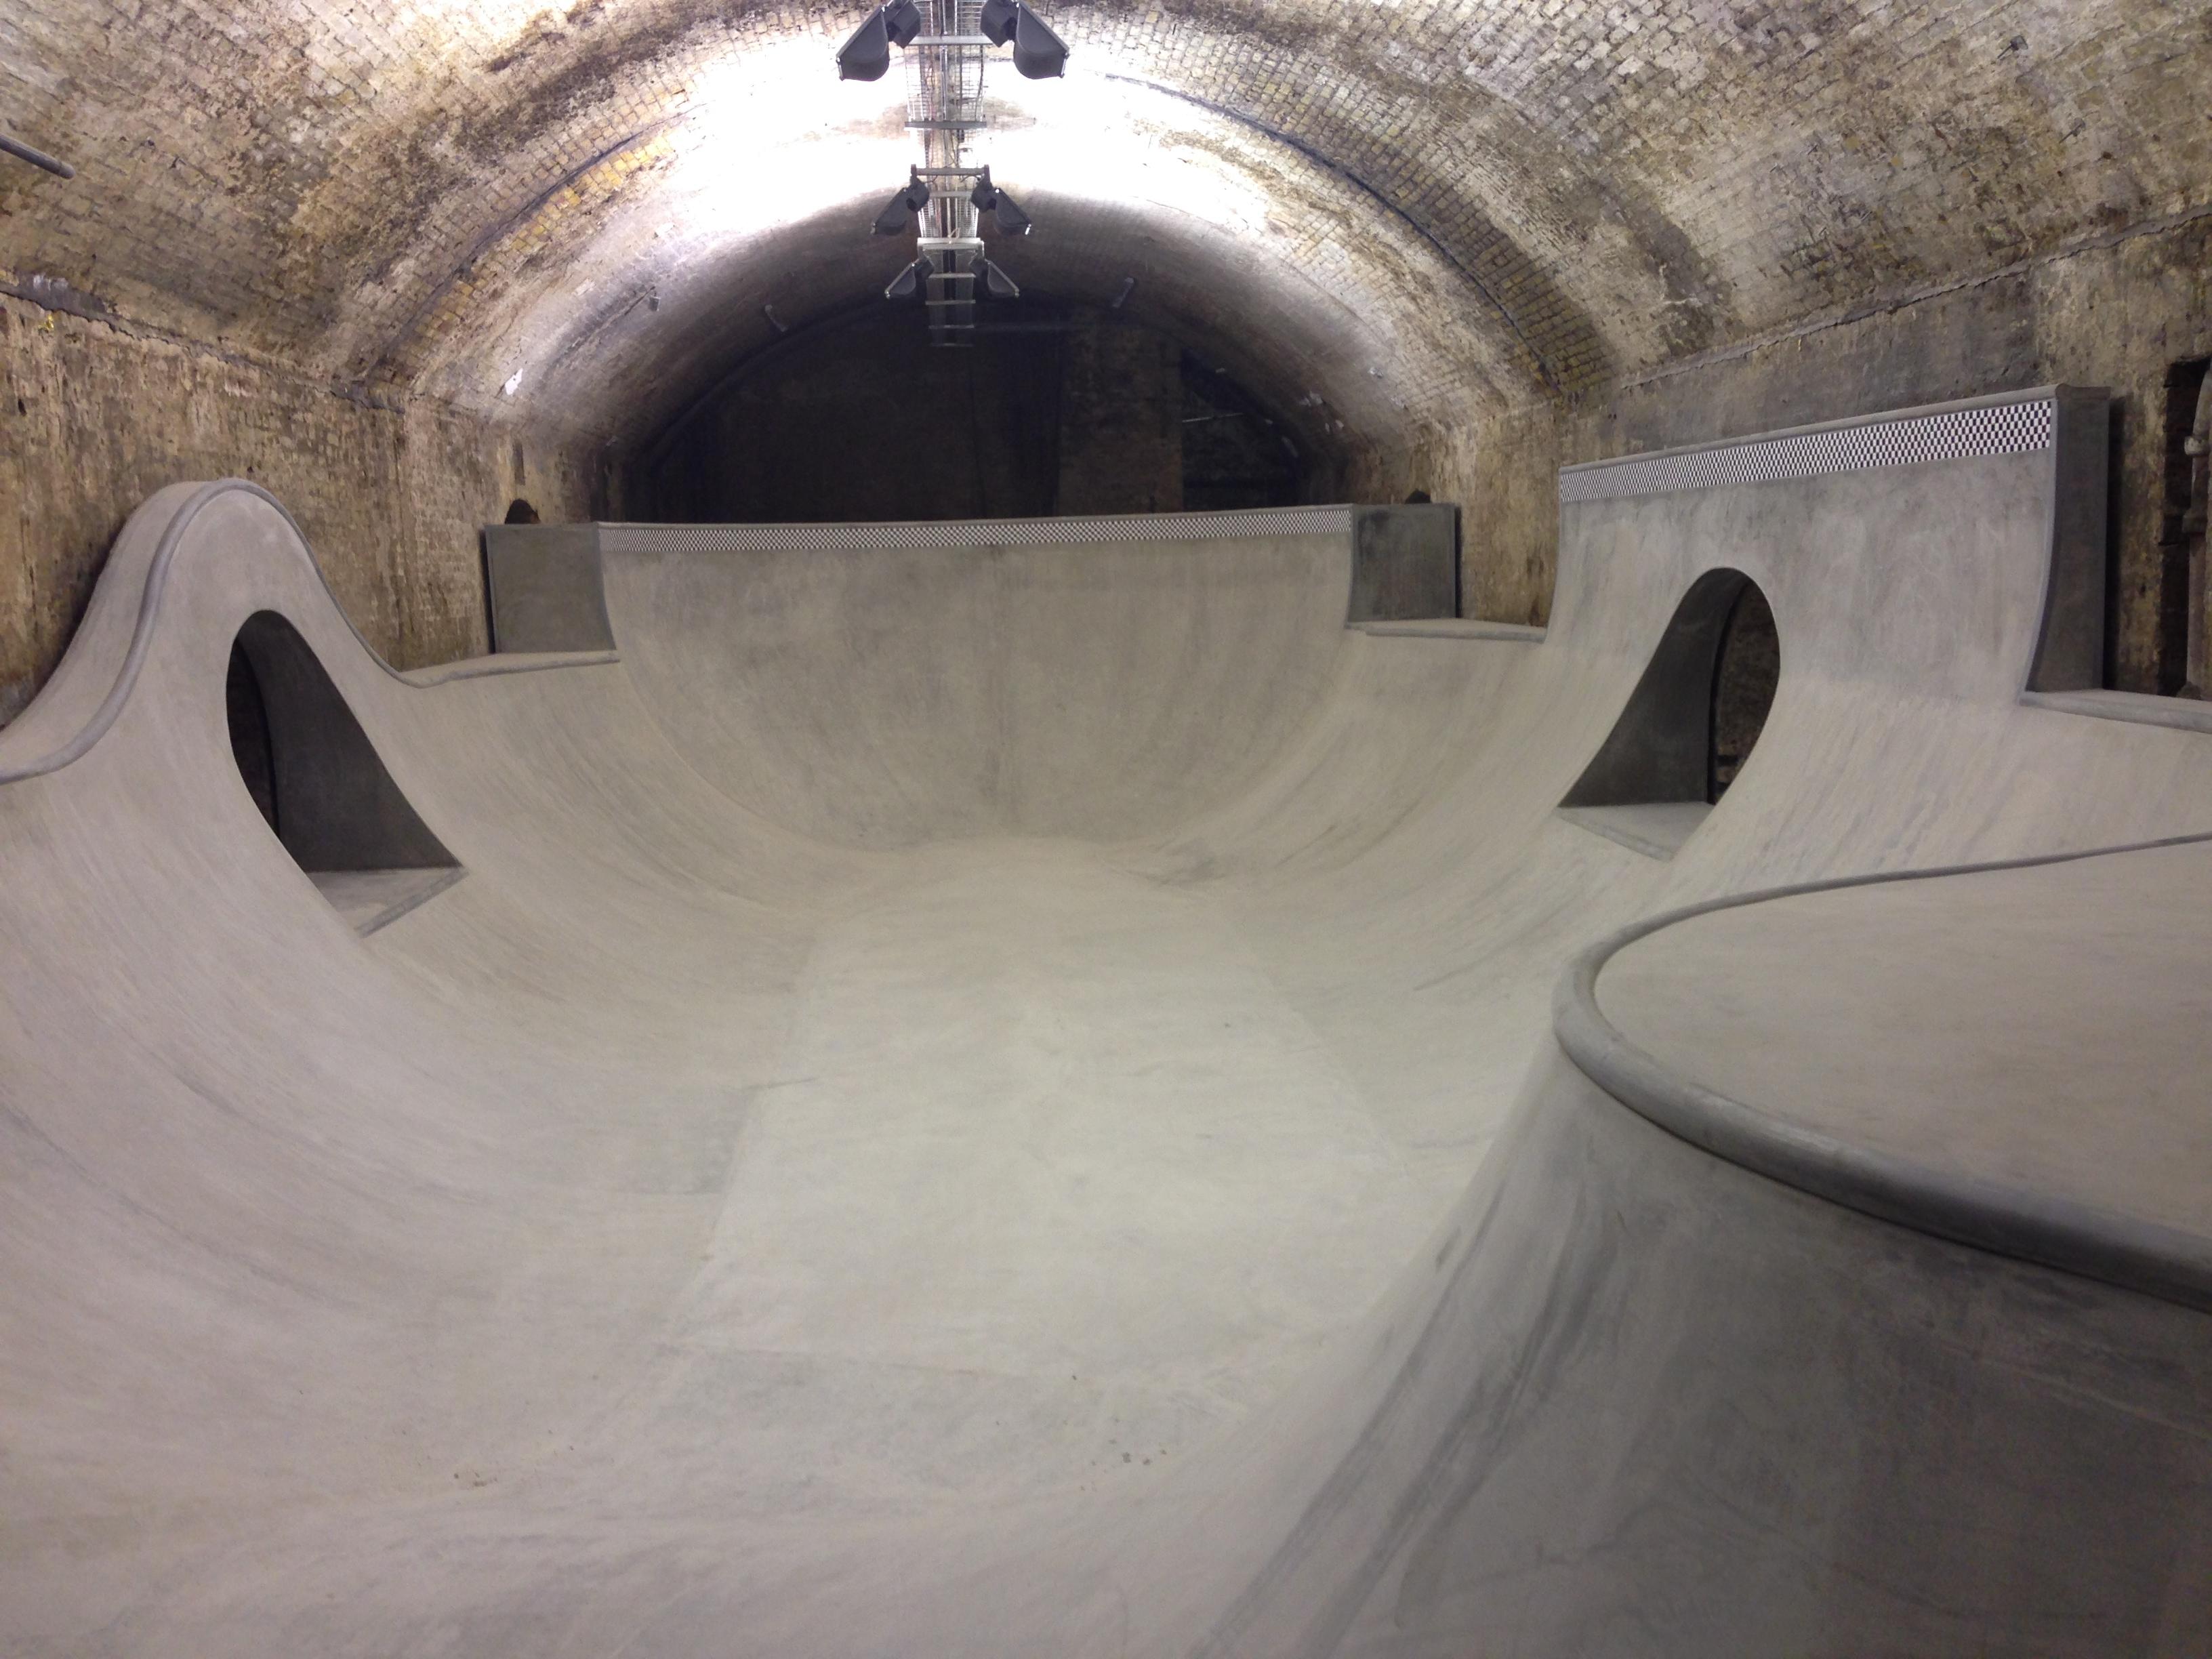 House of Vans Skatepark